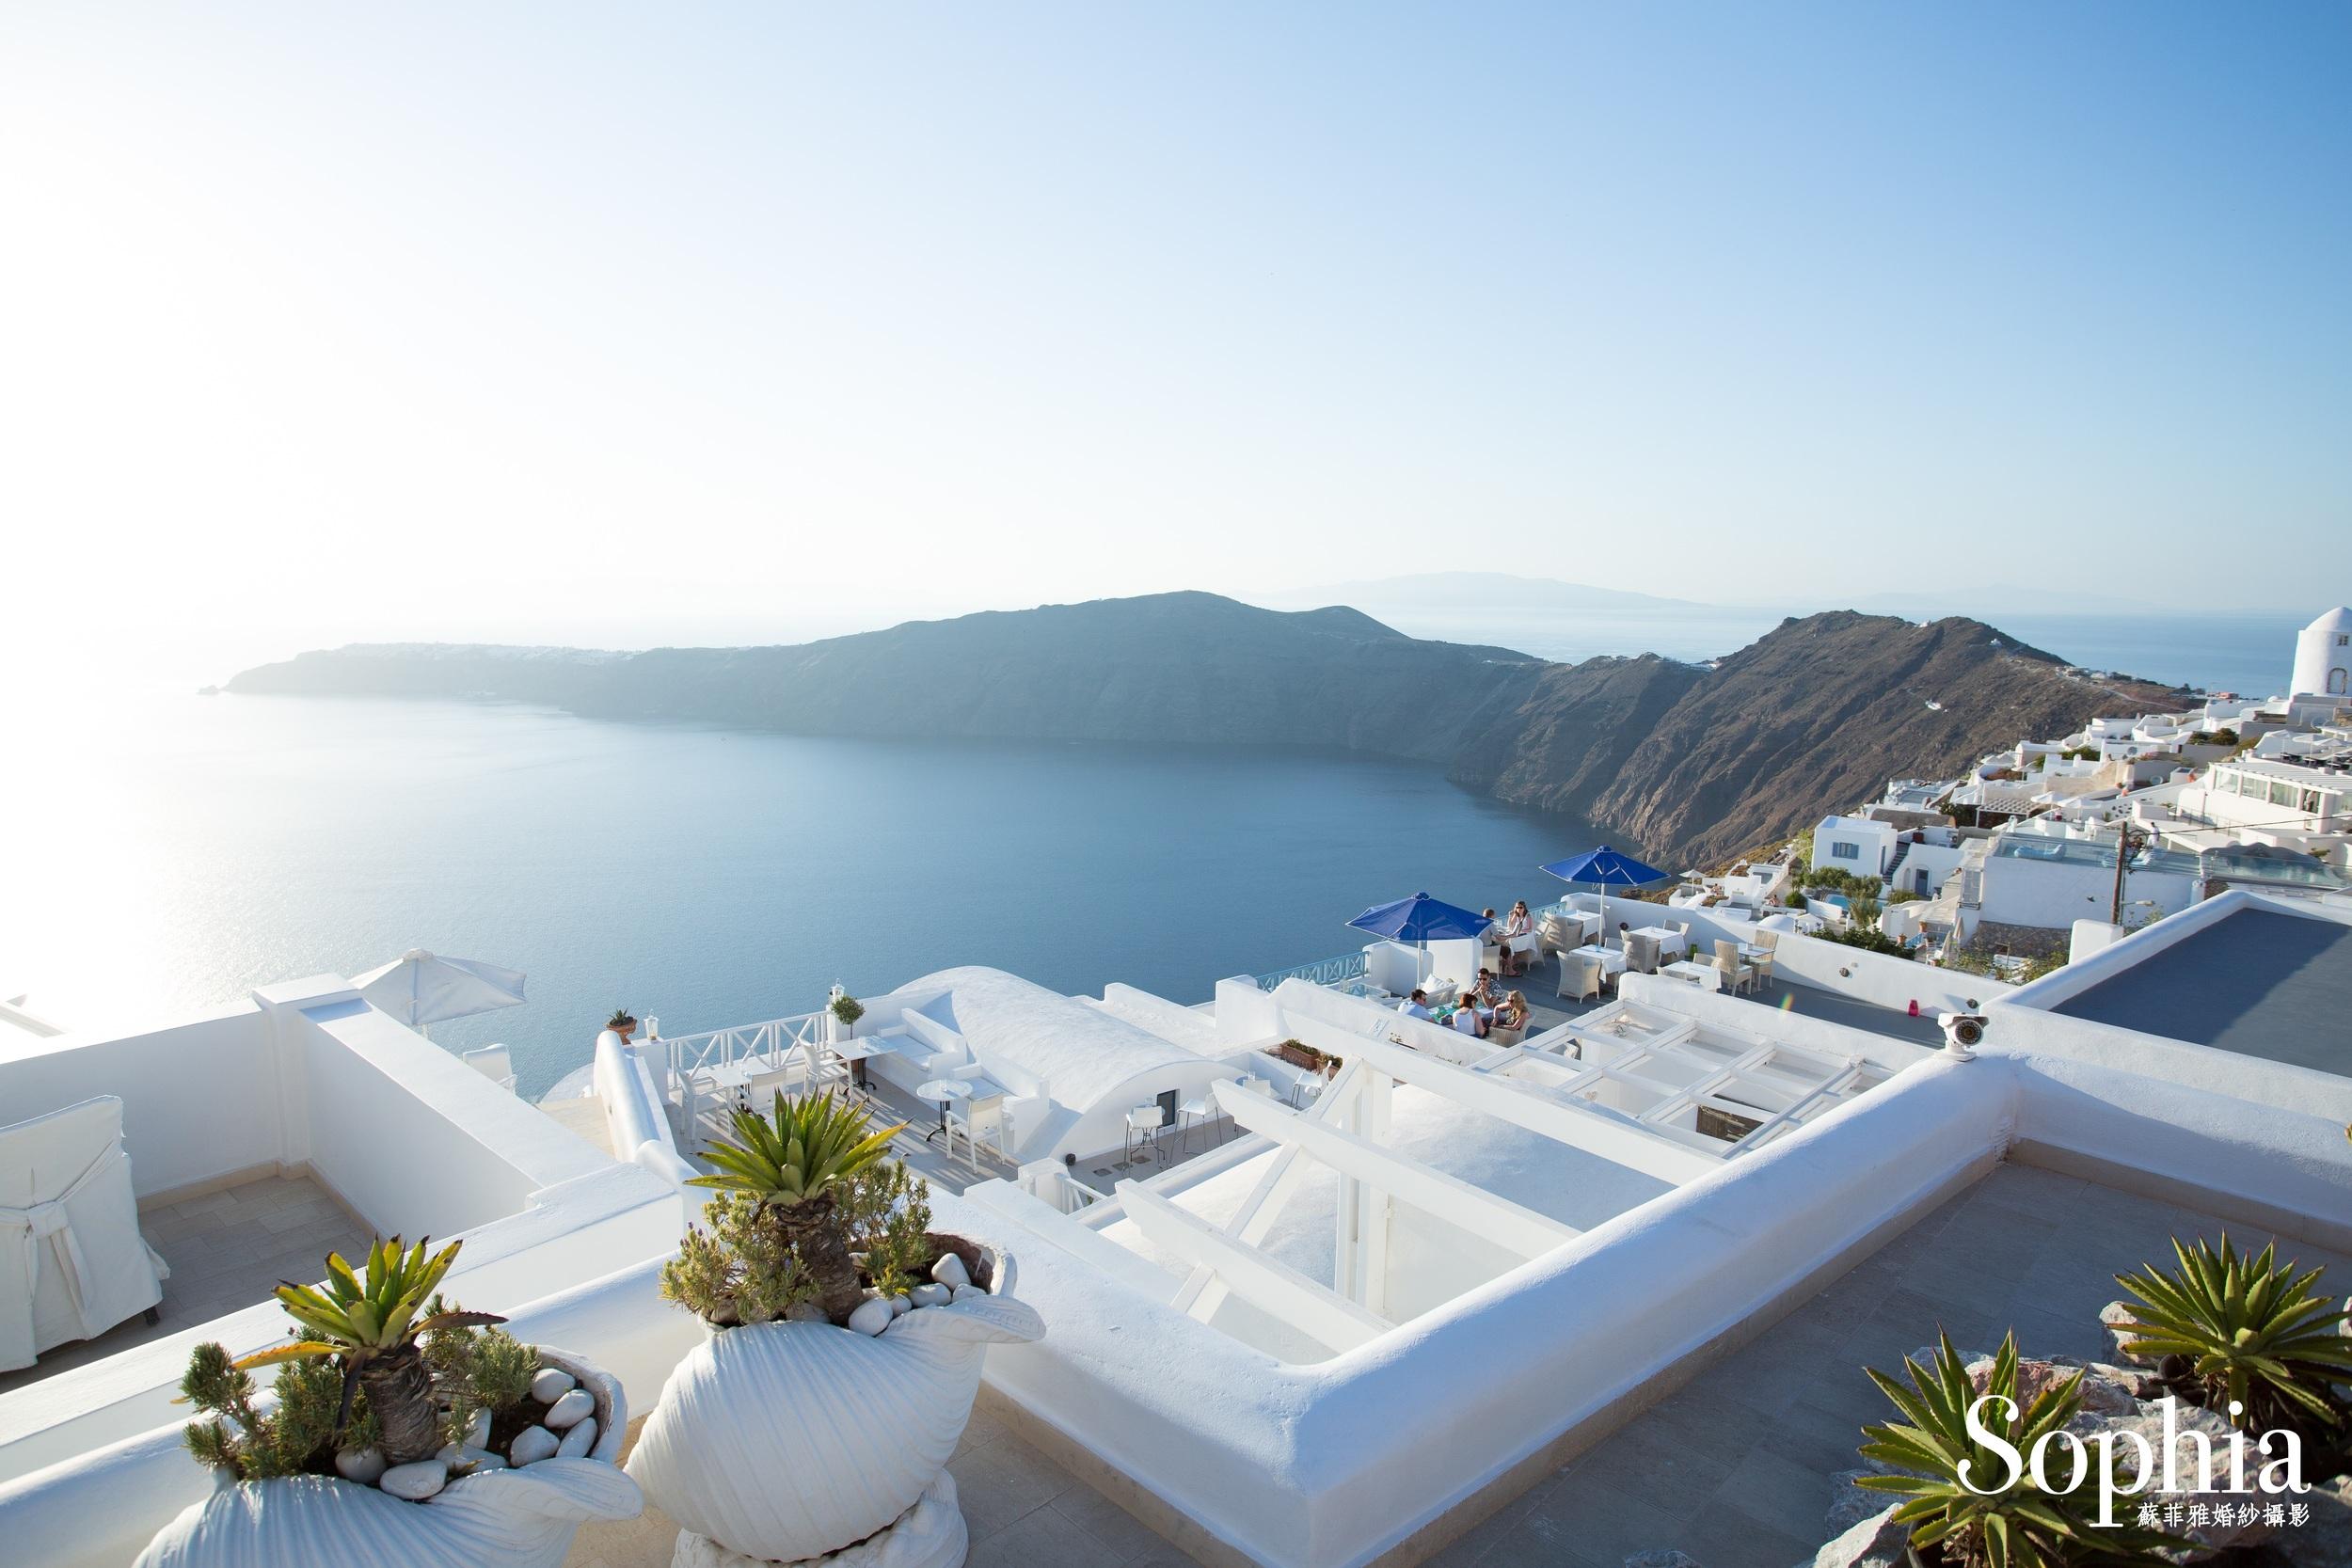 希臘的碧海藍天 - 點我看作品